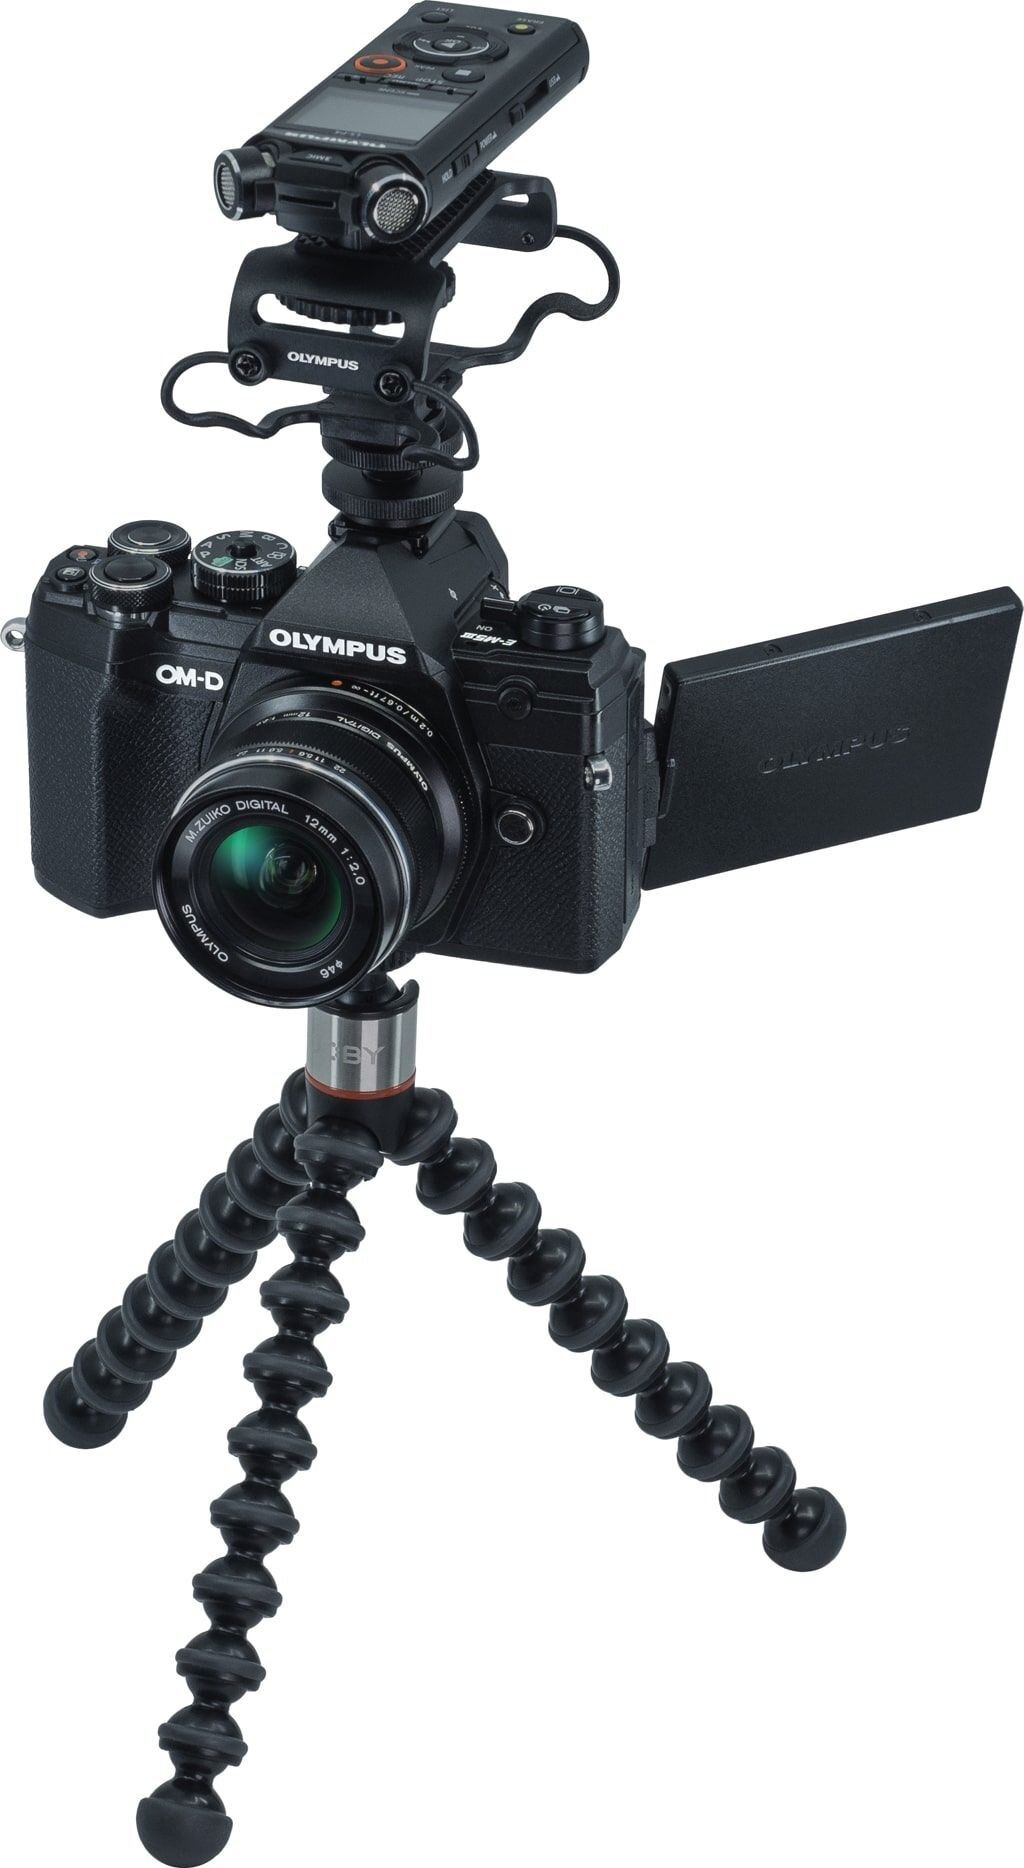 Olympus OM-D E-M5 Mark III schwarz Vlogger Kit + M. Zuiko Digital 12mm 1:2,0 schwarz + Zubehör